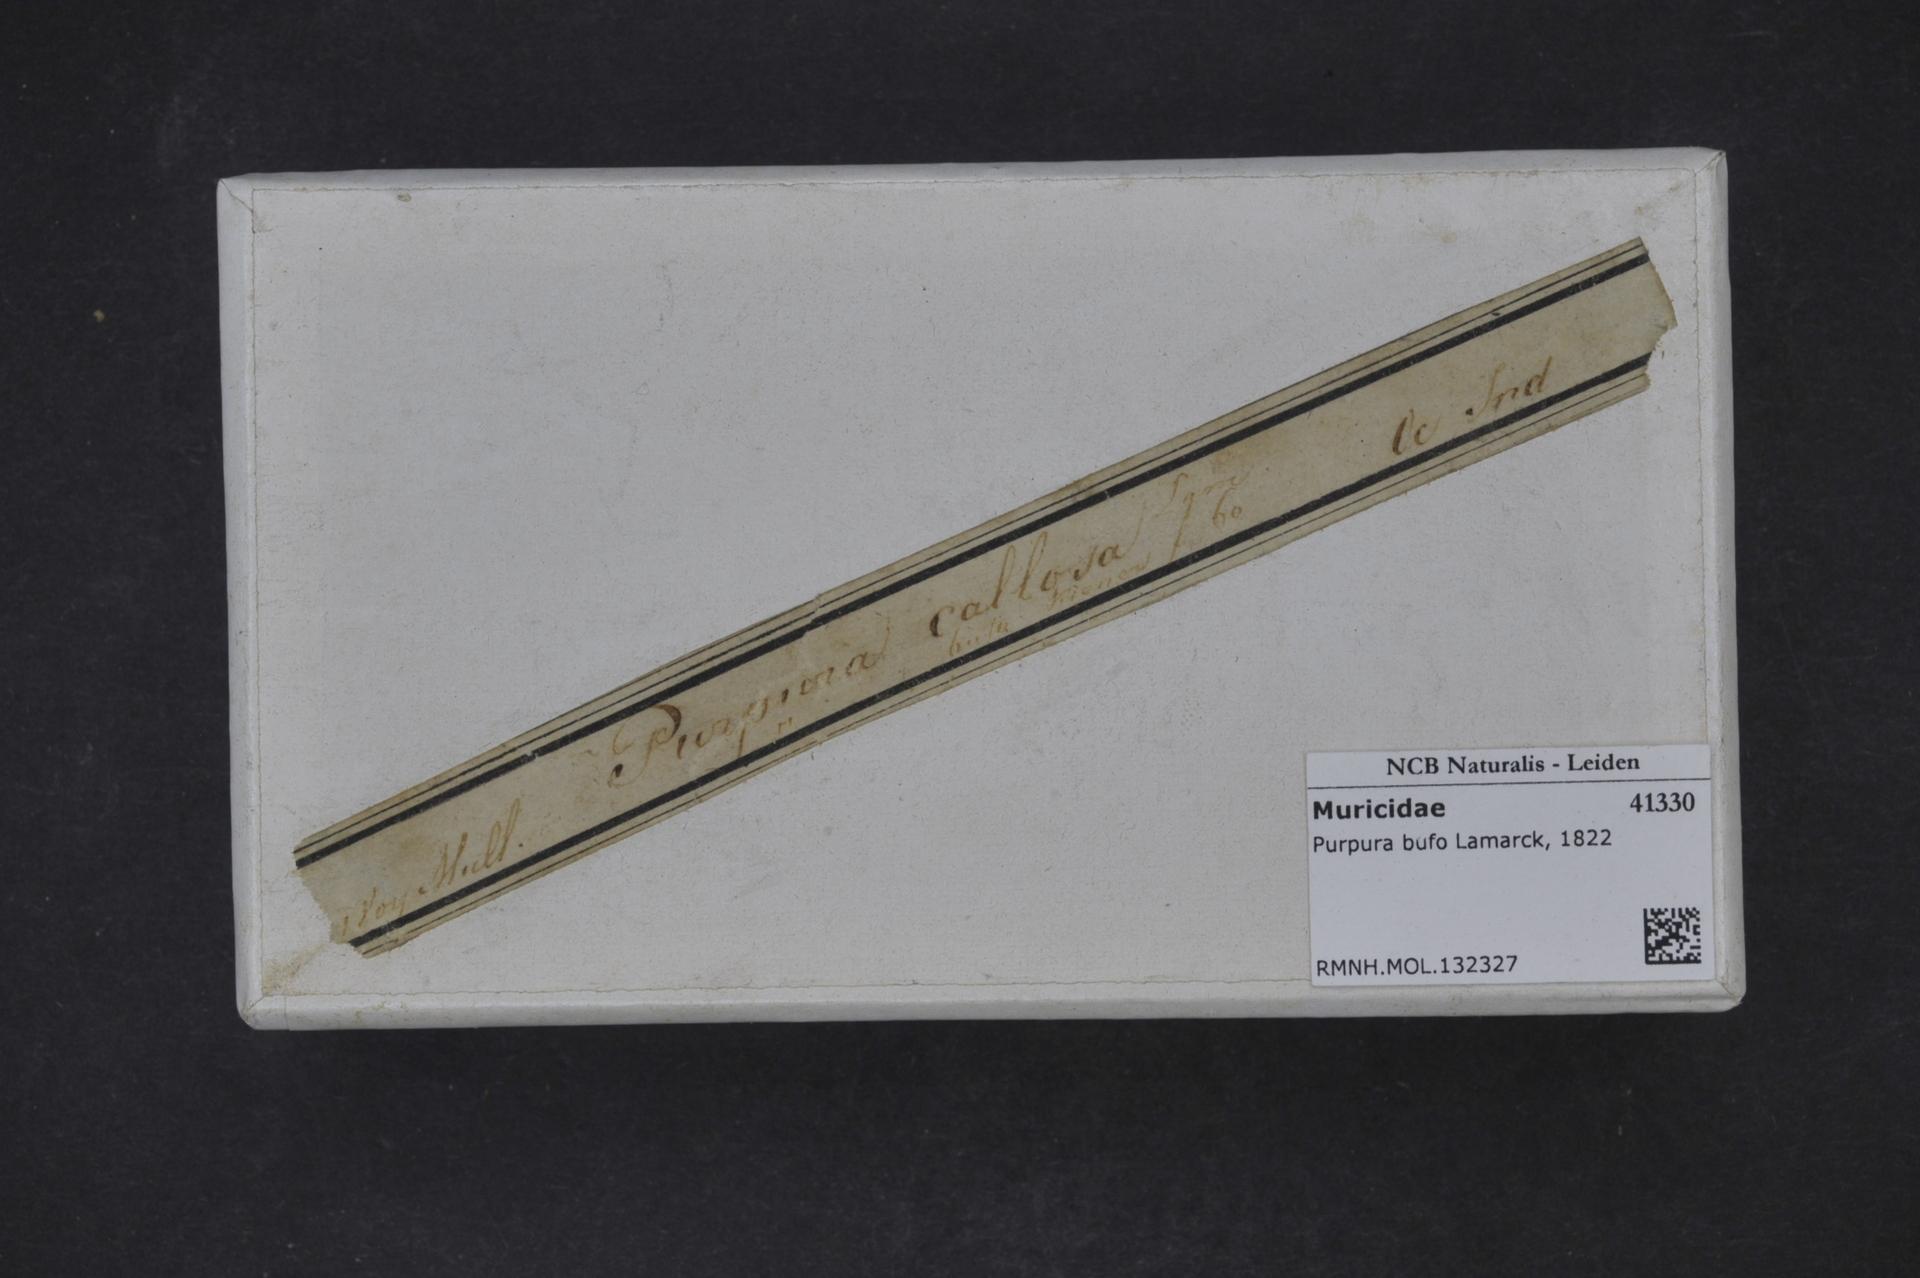 RMNH.MOL.132327 | Purpura bufo Lamarck, 1822